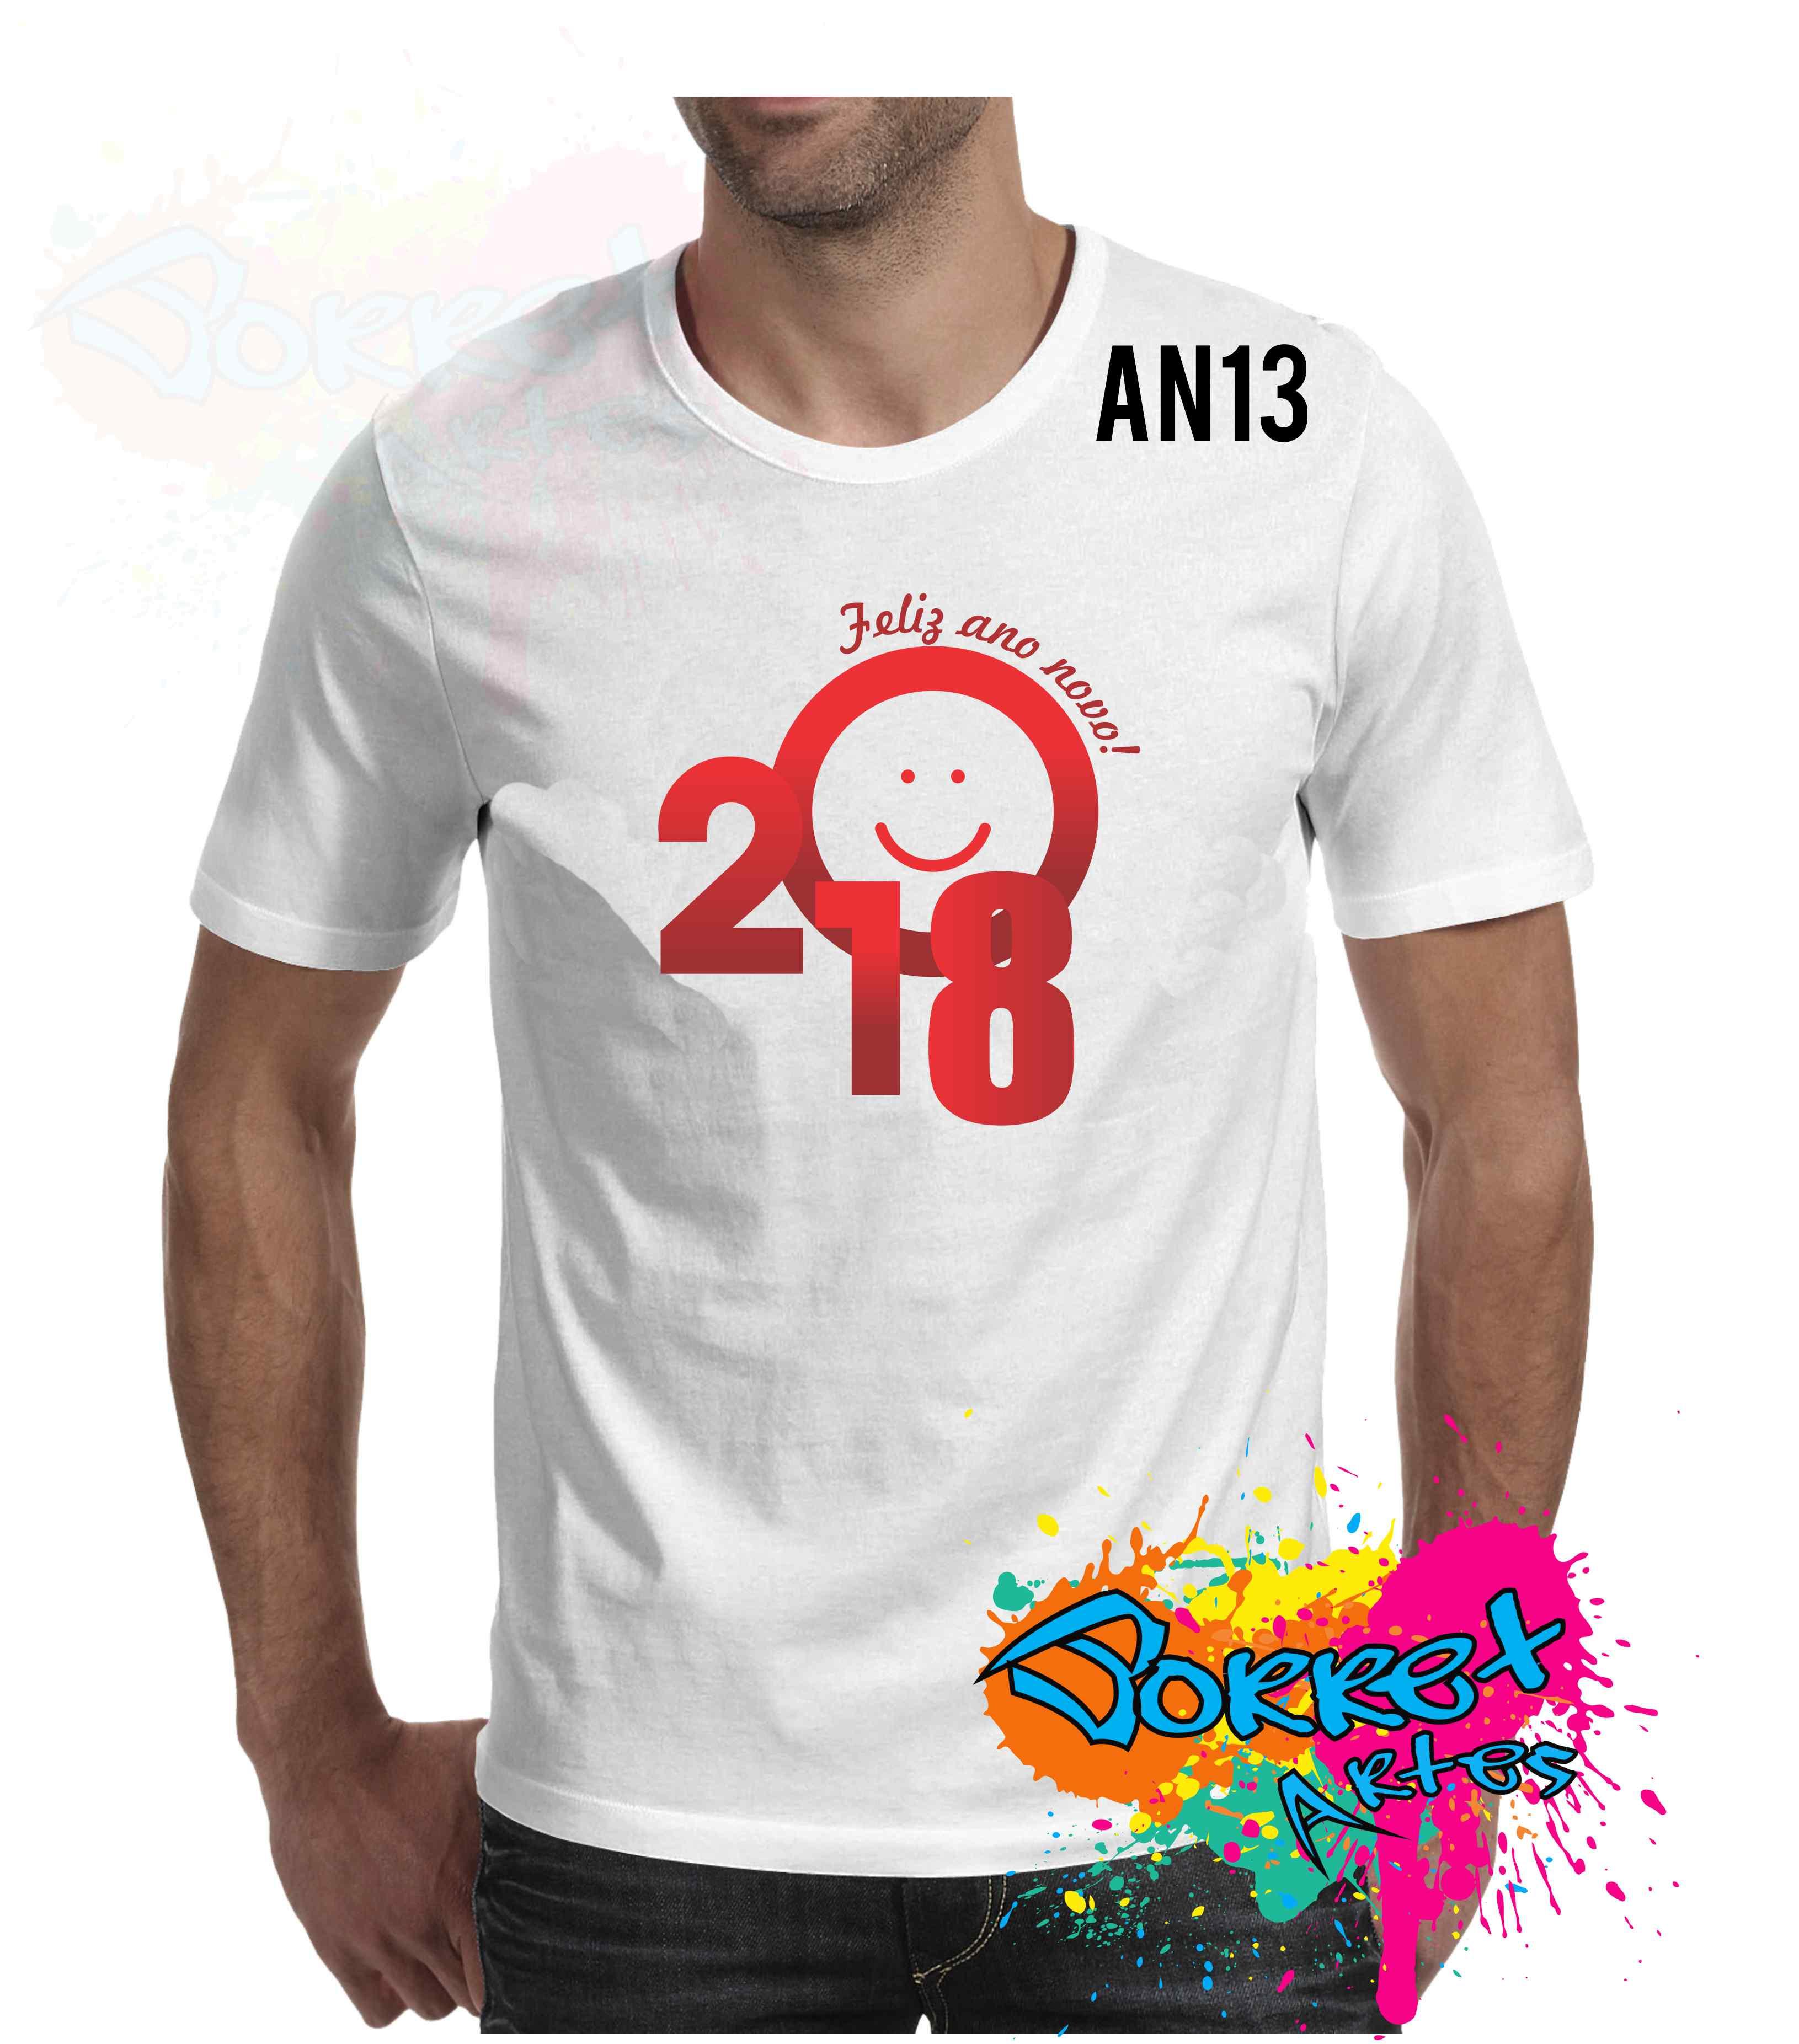 Camisa Smile 92011  600c2dea5e14f